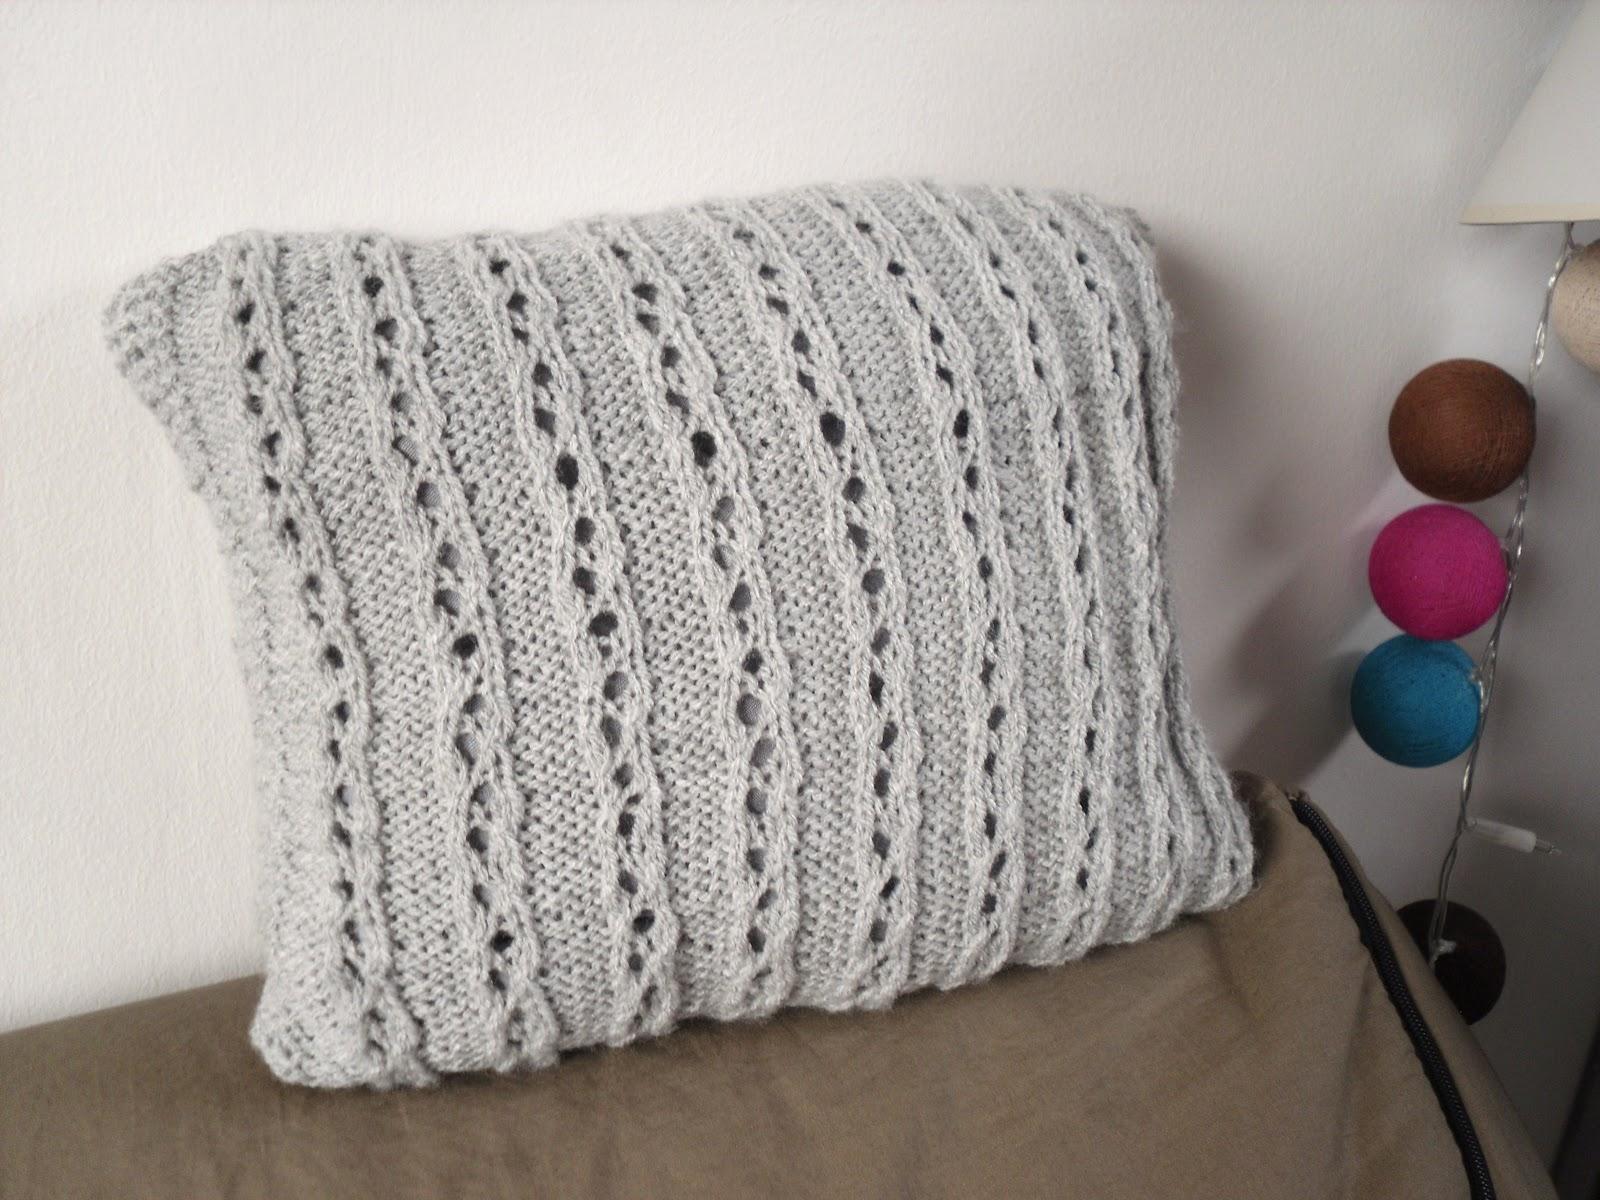 linge de maison fait main les dounie 39 s couture le coussin. Black Bedroom Furniture Sets. Home Design Ideas